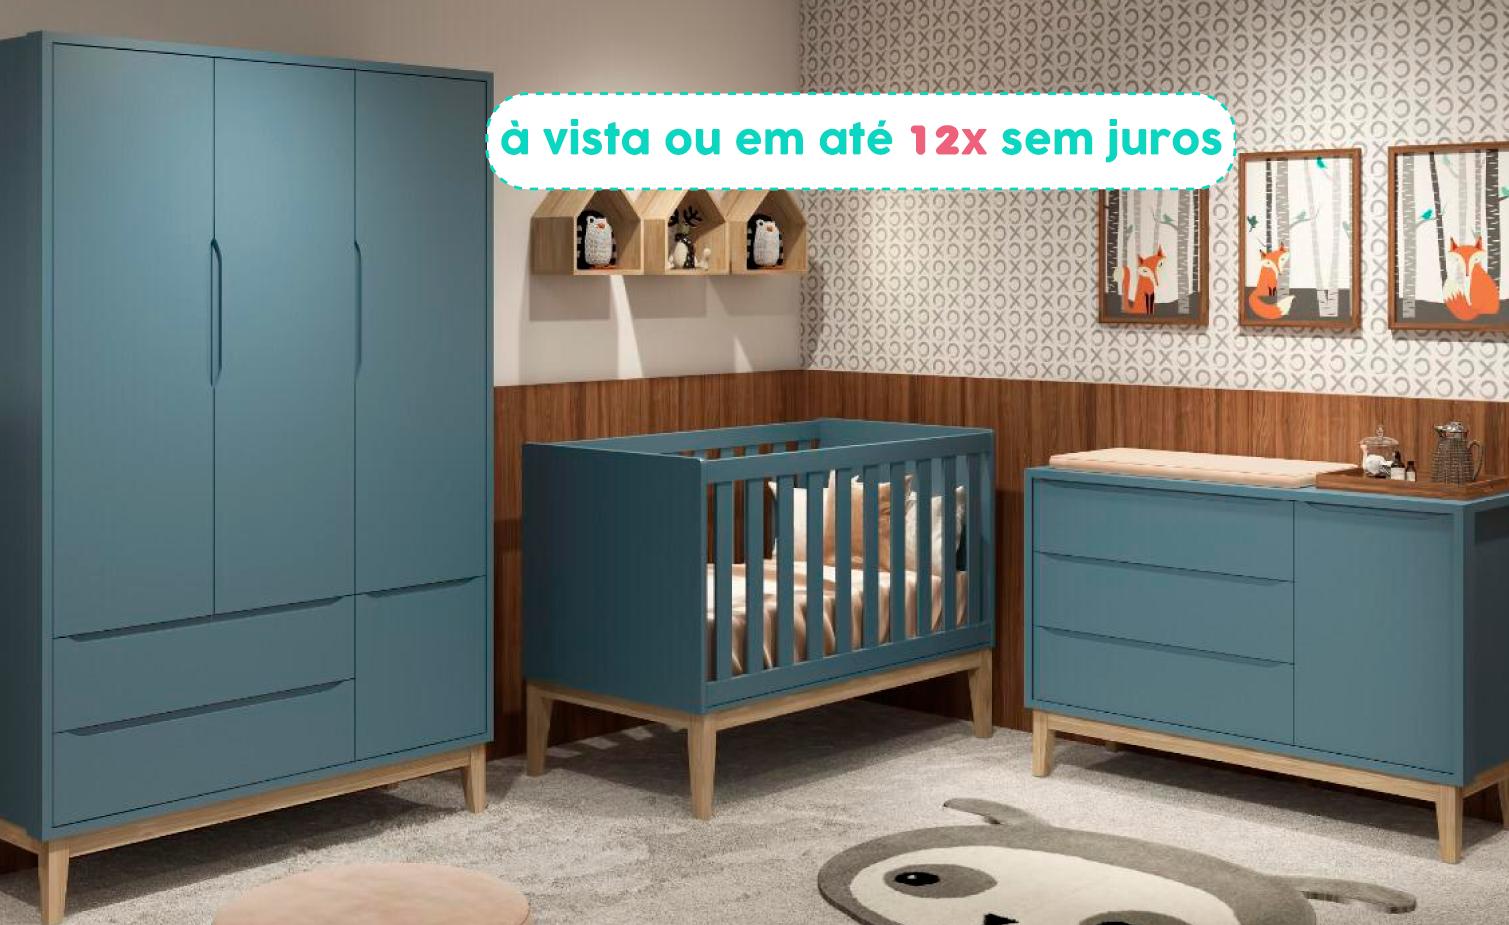 Dormitórios Completos (berço, cômoda e roupeiro)